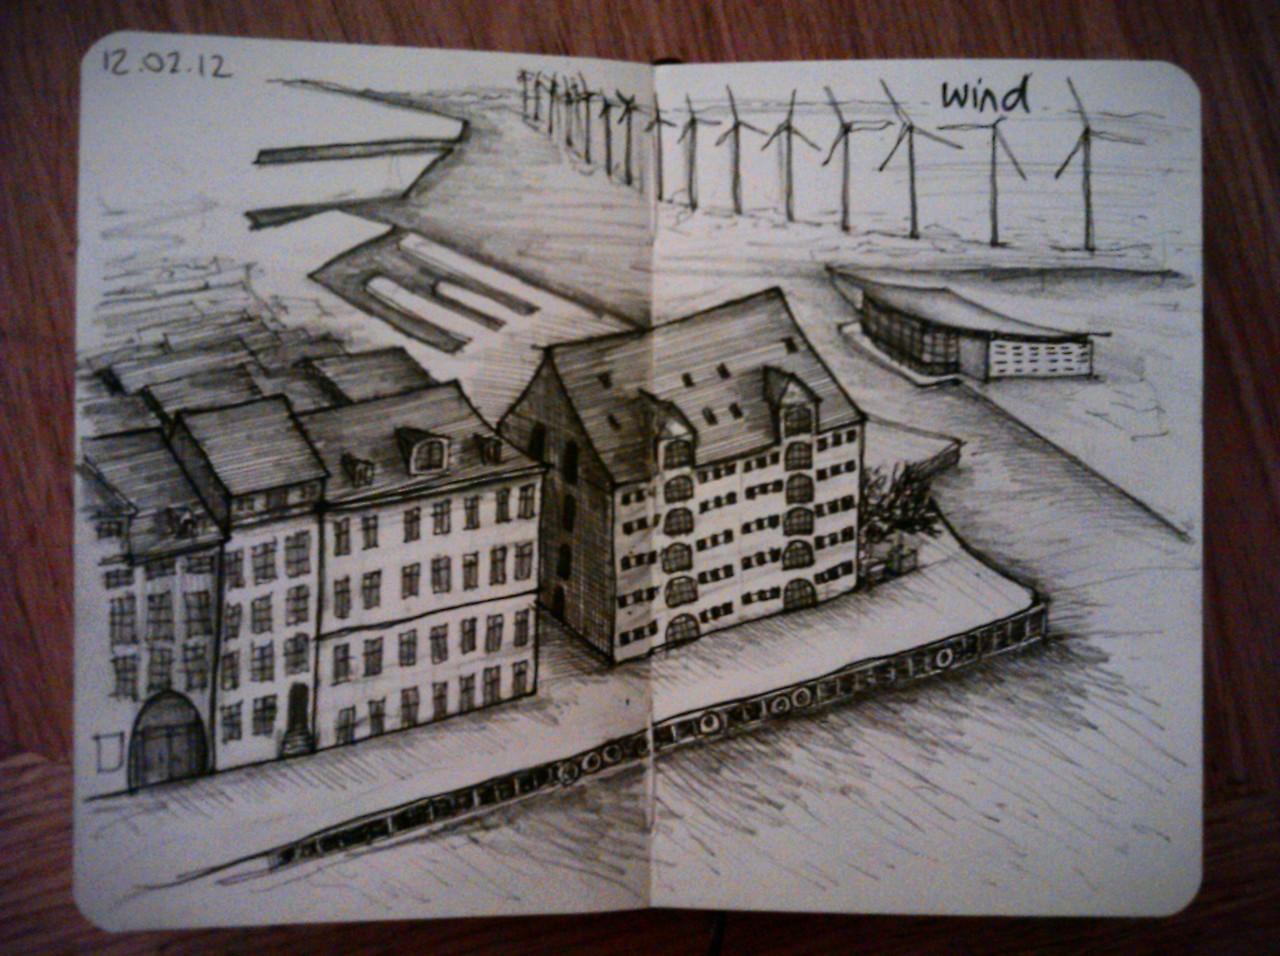 28 drawings later … day 12 … wind (dear Mr Trump, if copenhagen can do it, so can aberdeen)